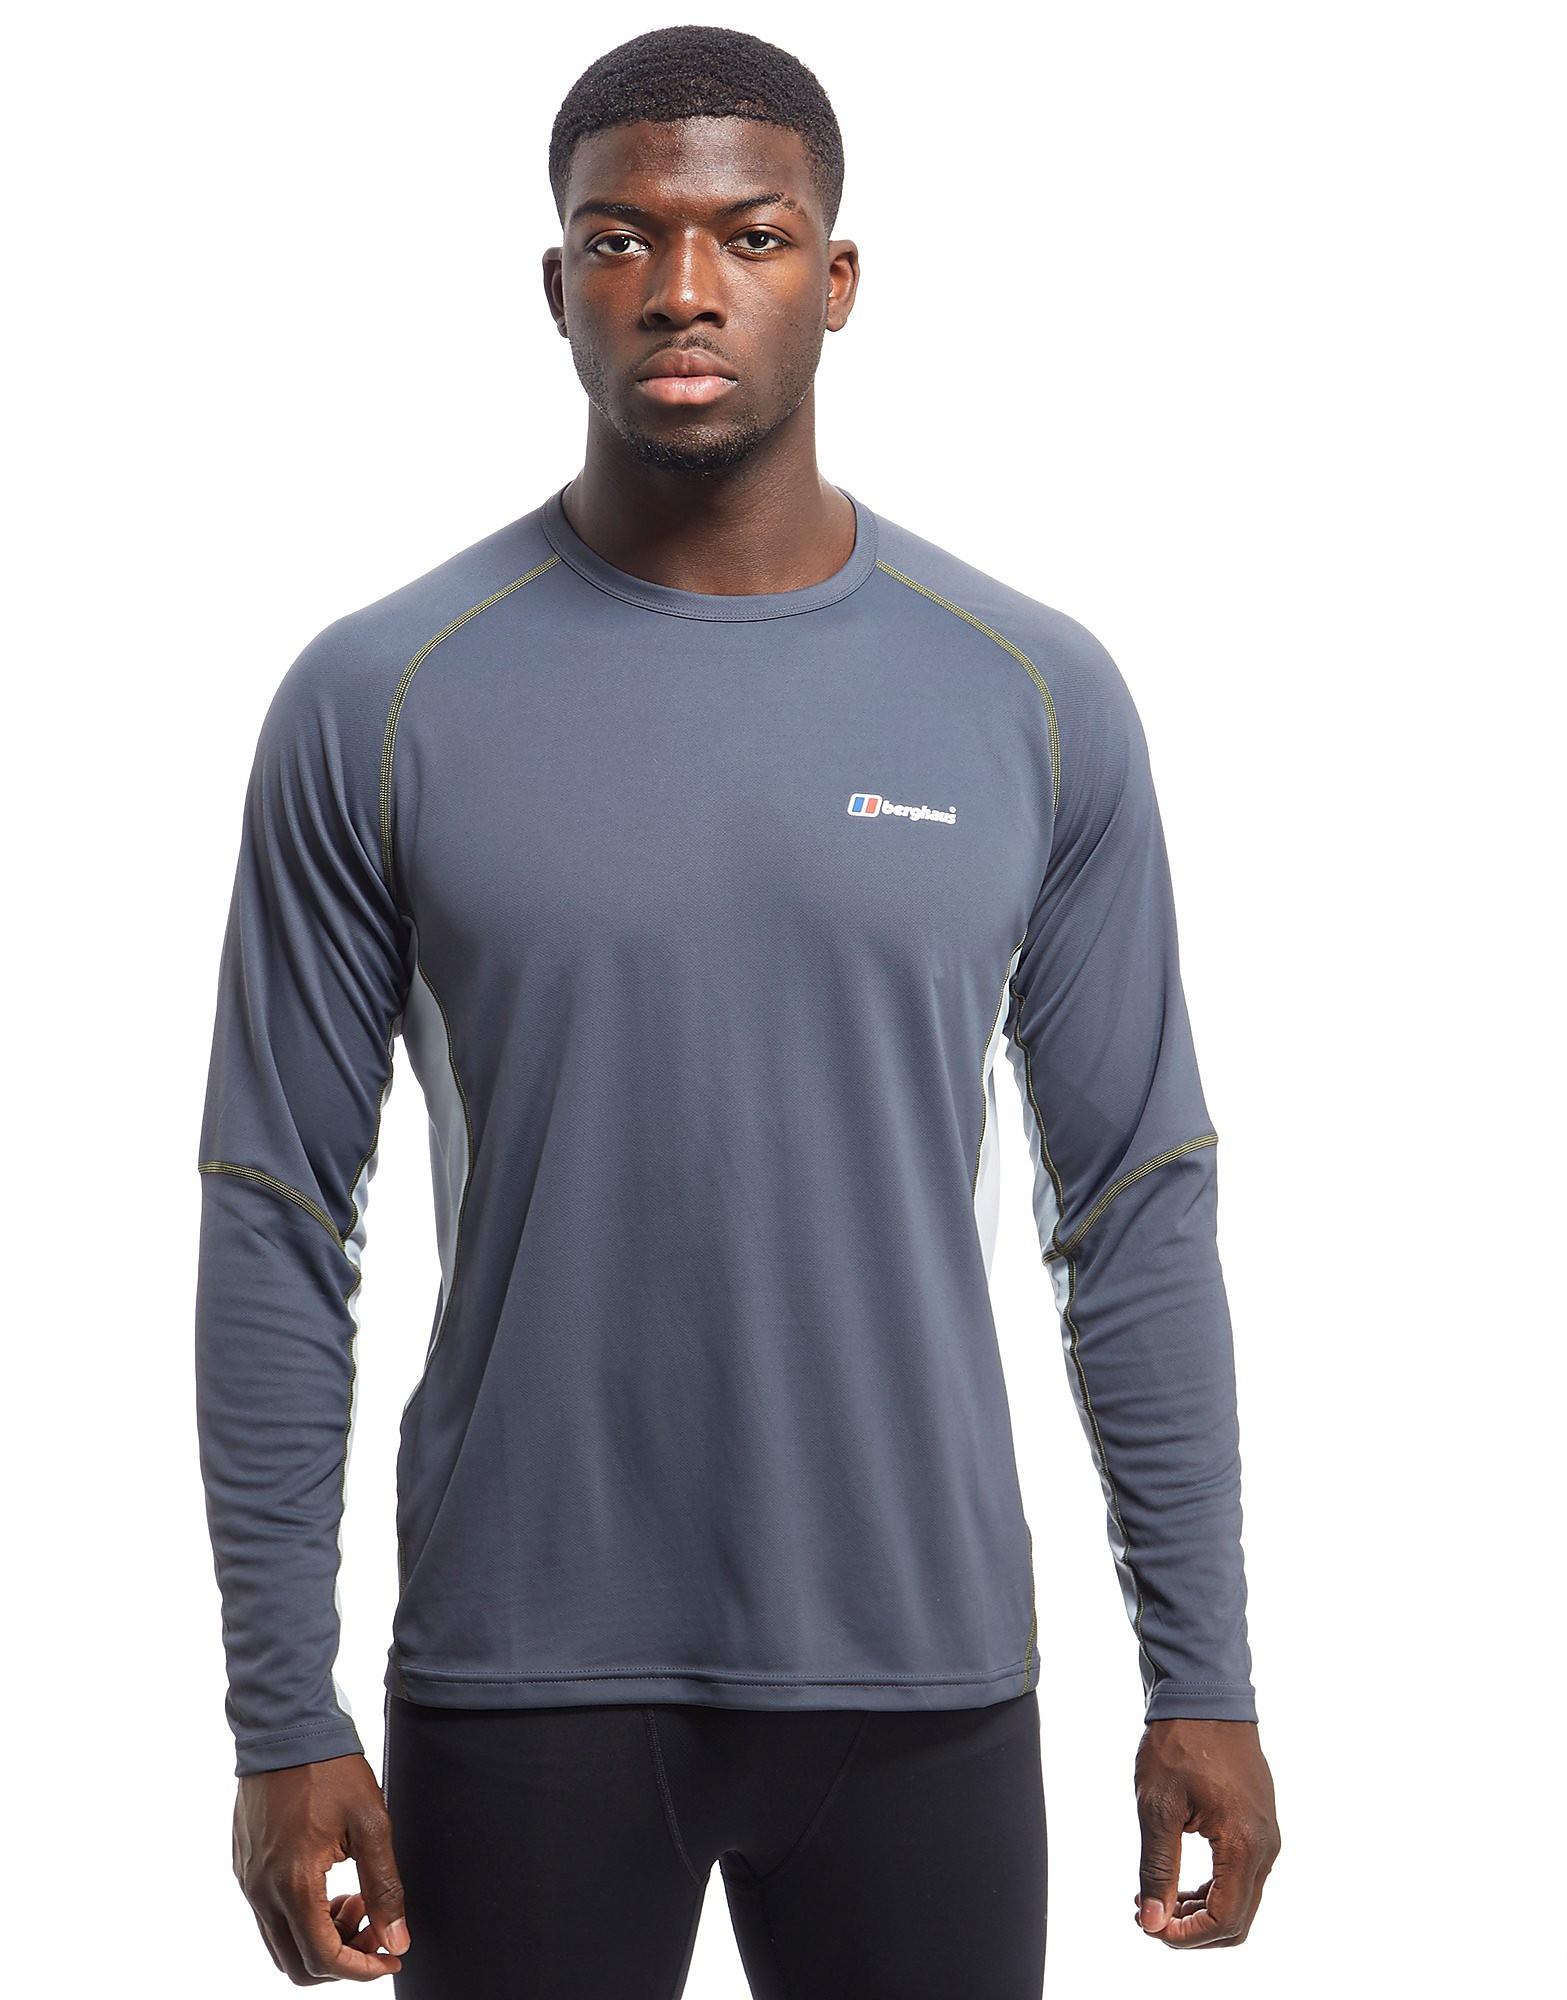 Berghaus Tech Long Sleeve T-Shirt